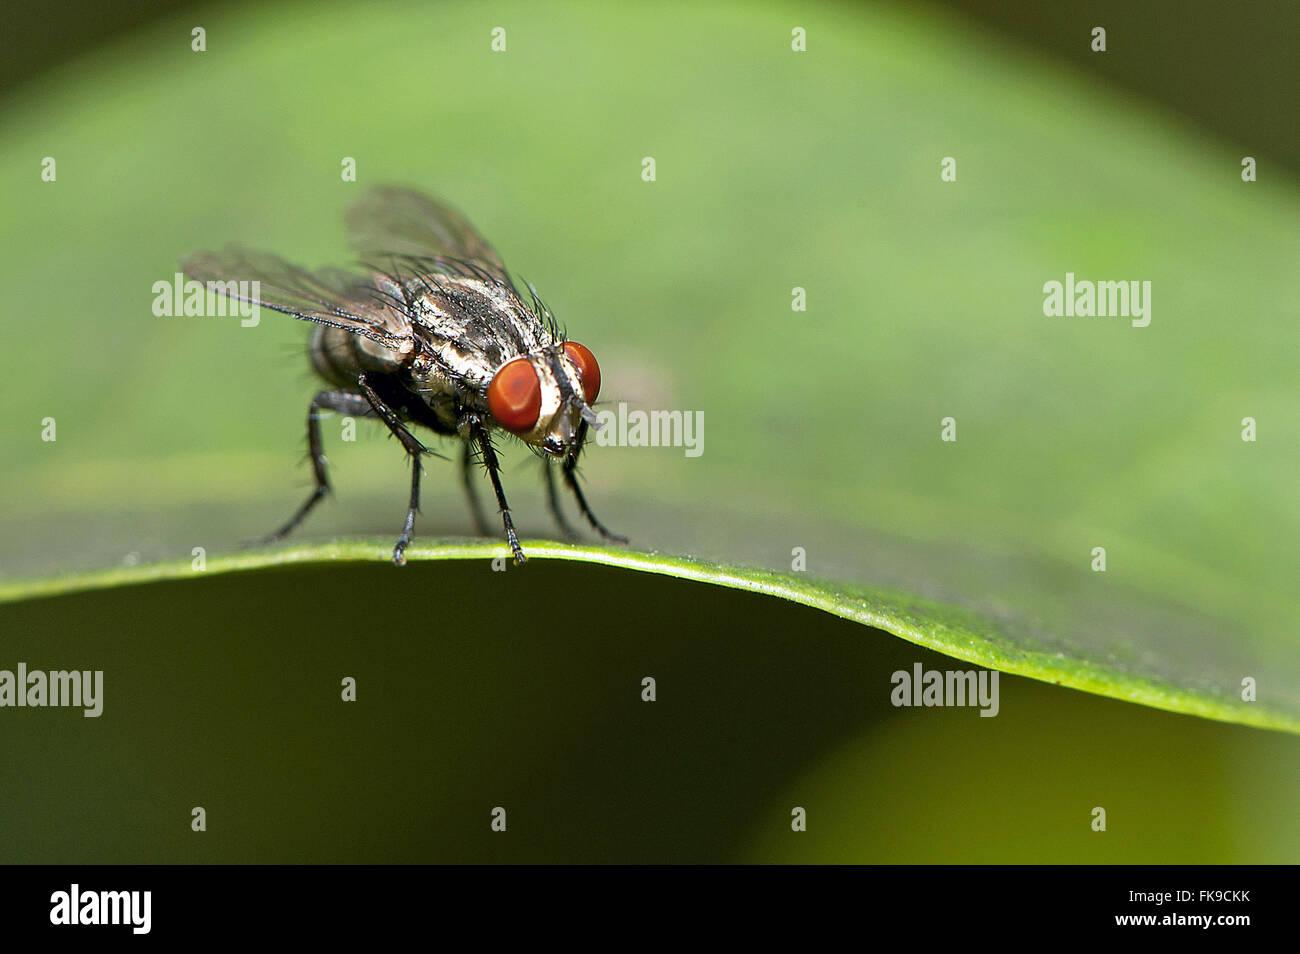 Domestica fly - Musca domestica - Stock Image